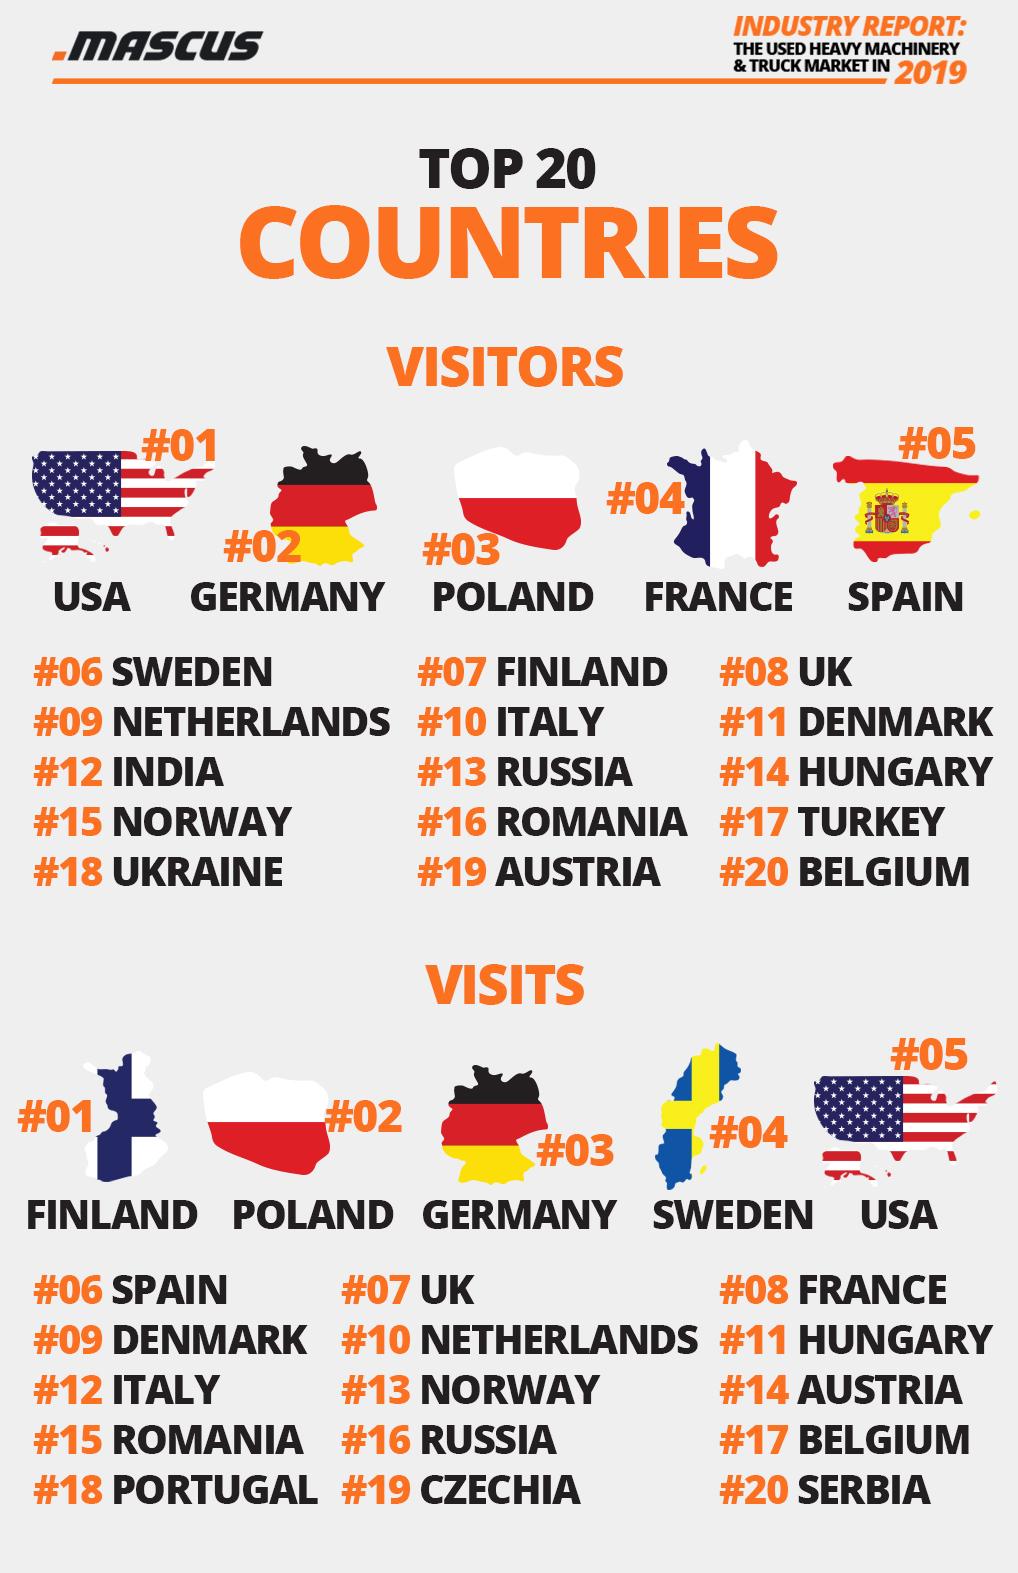 Gesamtverkehr (Benutzer und Sitzungen) auf der Mascus-Webseite 2019 – Top-20-Länder